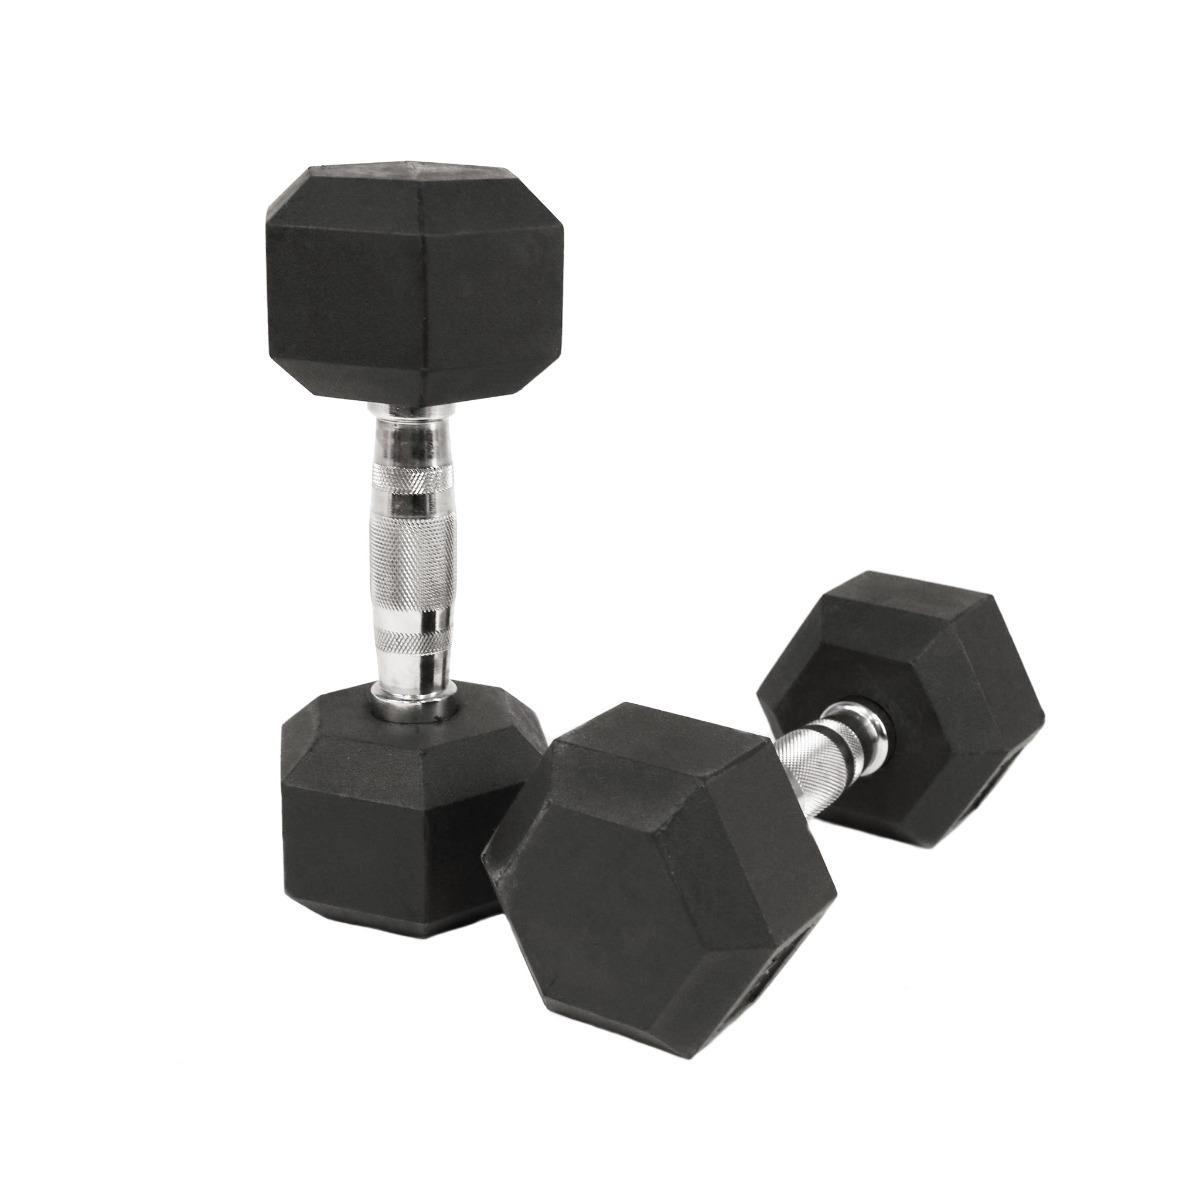 Gymleco 433 Hex Håndvægte 2 kg (1 stk.)